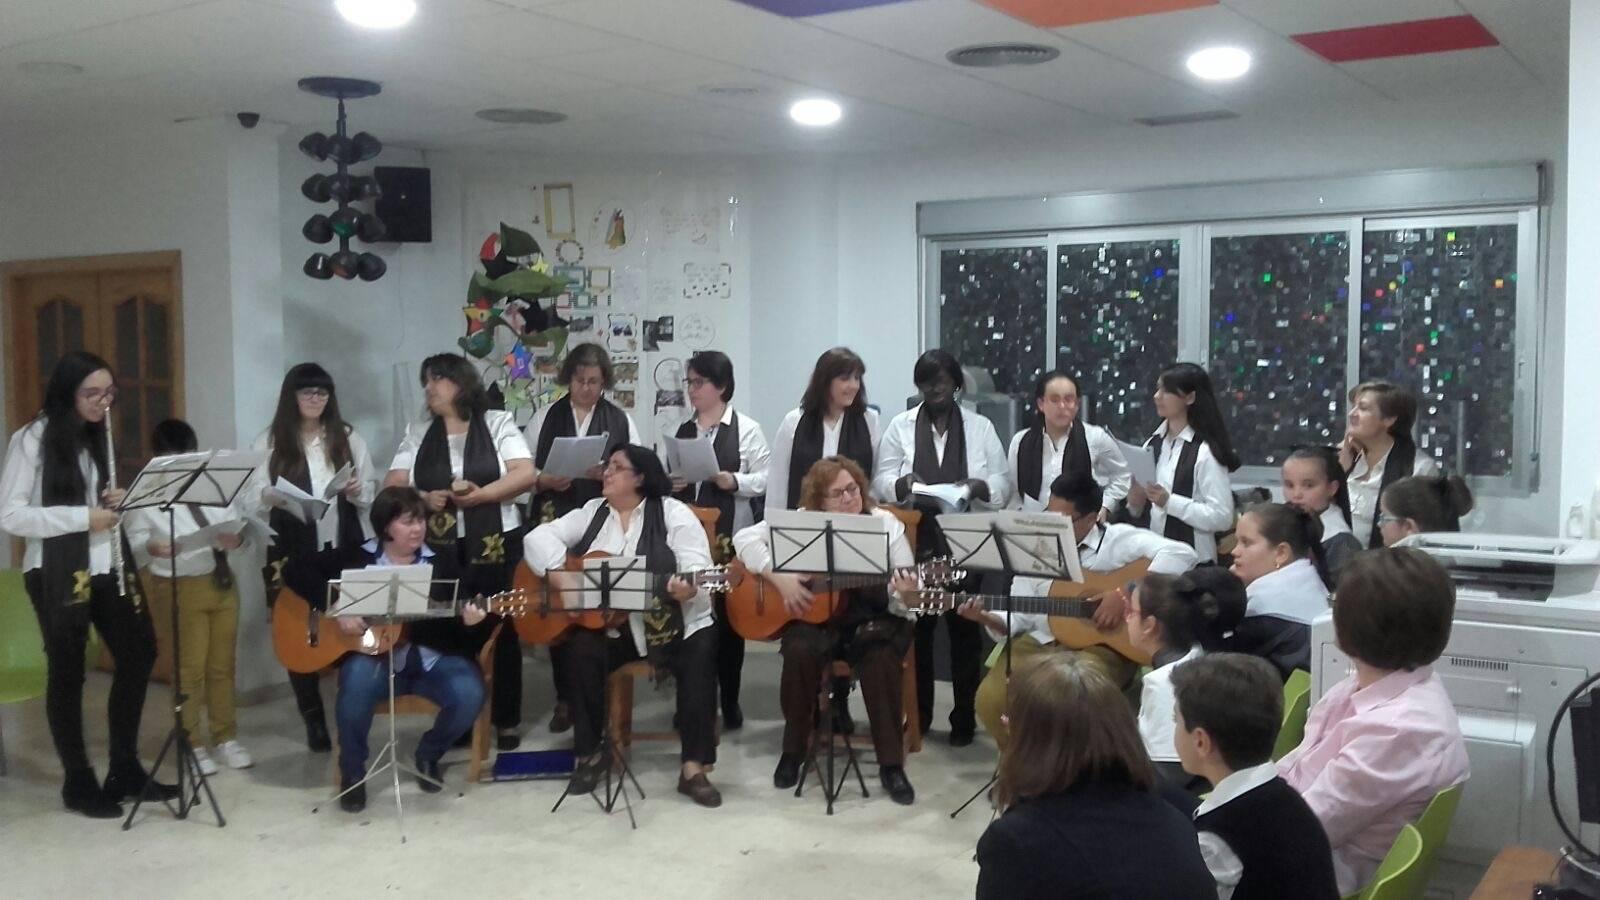 coro-de-la-azucena-de-san-jose-cantnado-villancicos13